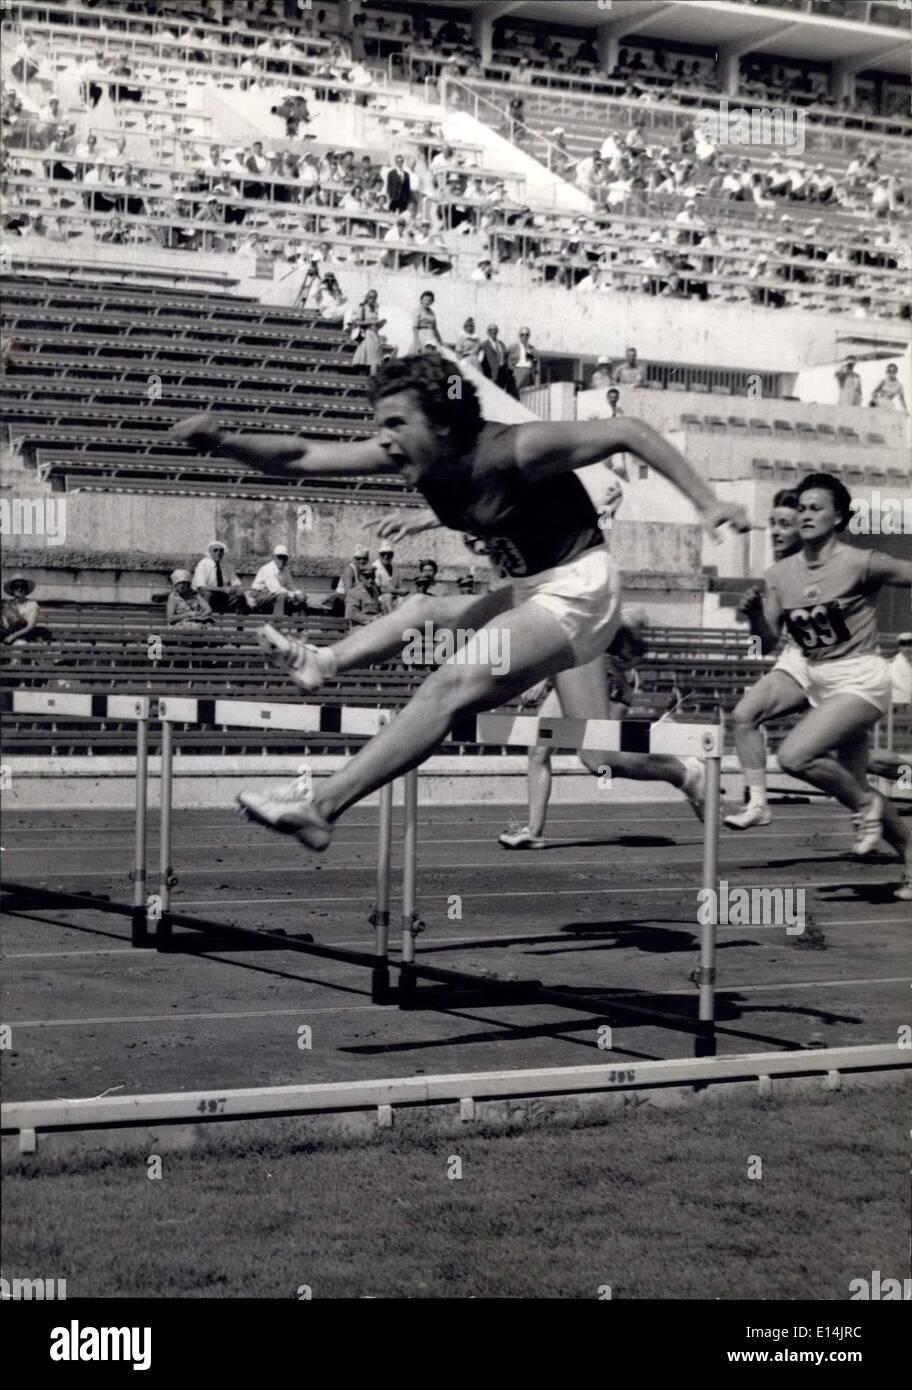 Apr. 05, 2012 - Giochi Olimpici: atletica del primo giorno. OPS: Irina premere la Russia stabilisce un nuovo record olimpico in 80 m ostacoli 10'' Immagini Stock